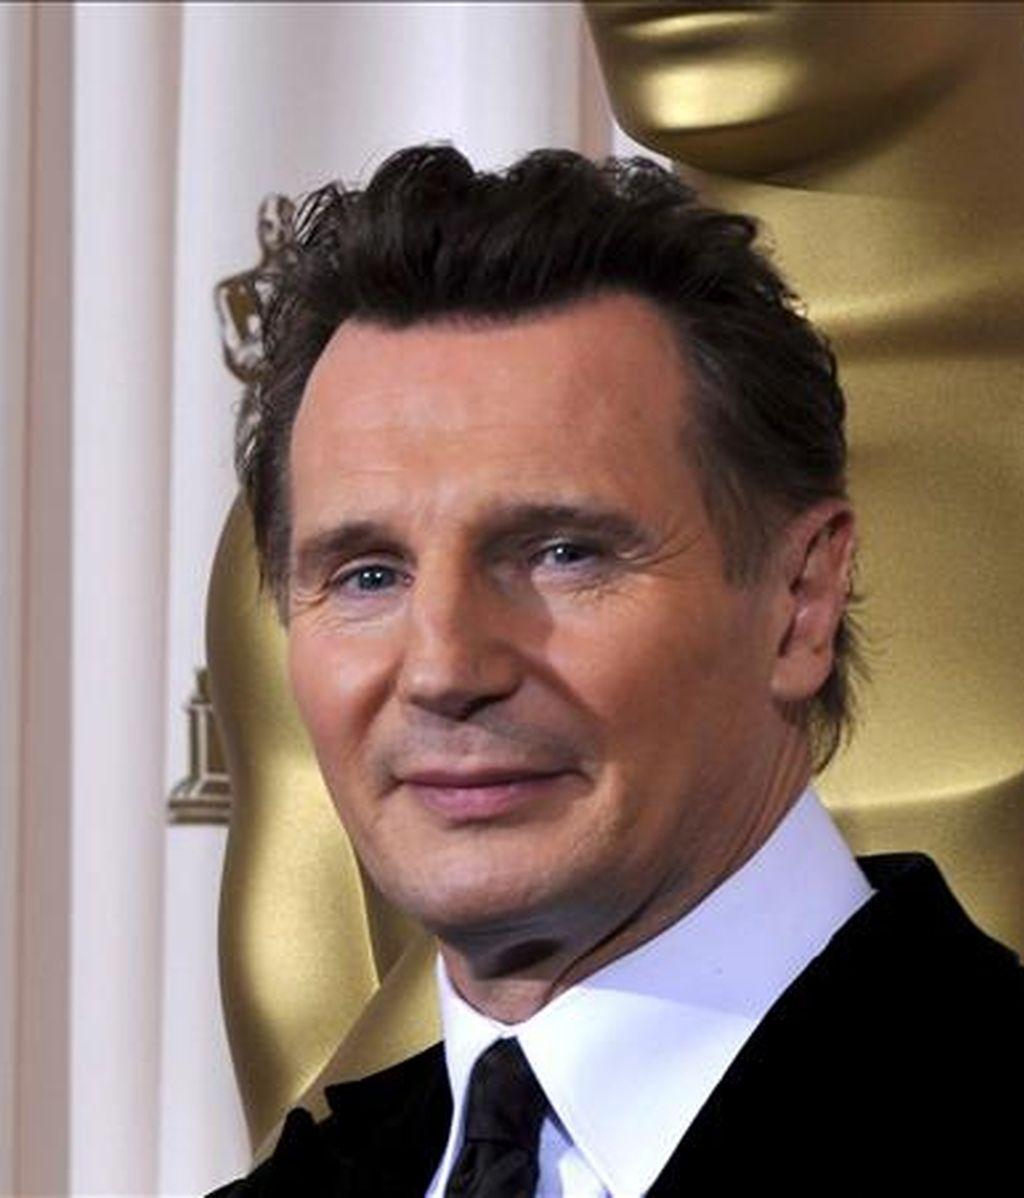 El actor irlandés Liam Neeson posa para los fotógrafos en la 81º edición de los Premios de la Academia celebrados en el Teatro Kodak de Hollywood (California, Estados Unidos), el pasado 22 de febrero. EFE/Archivo